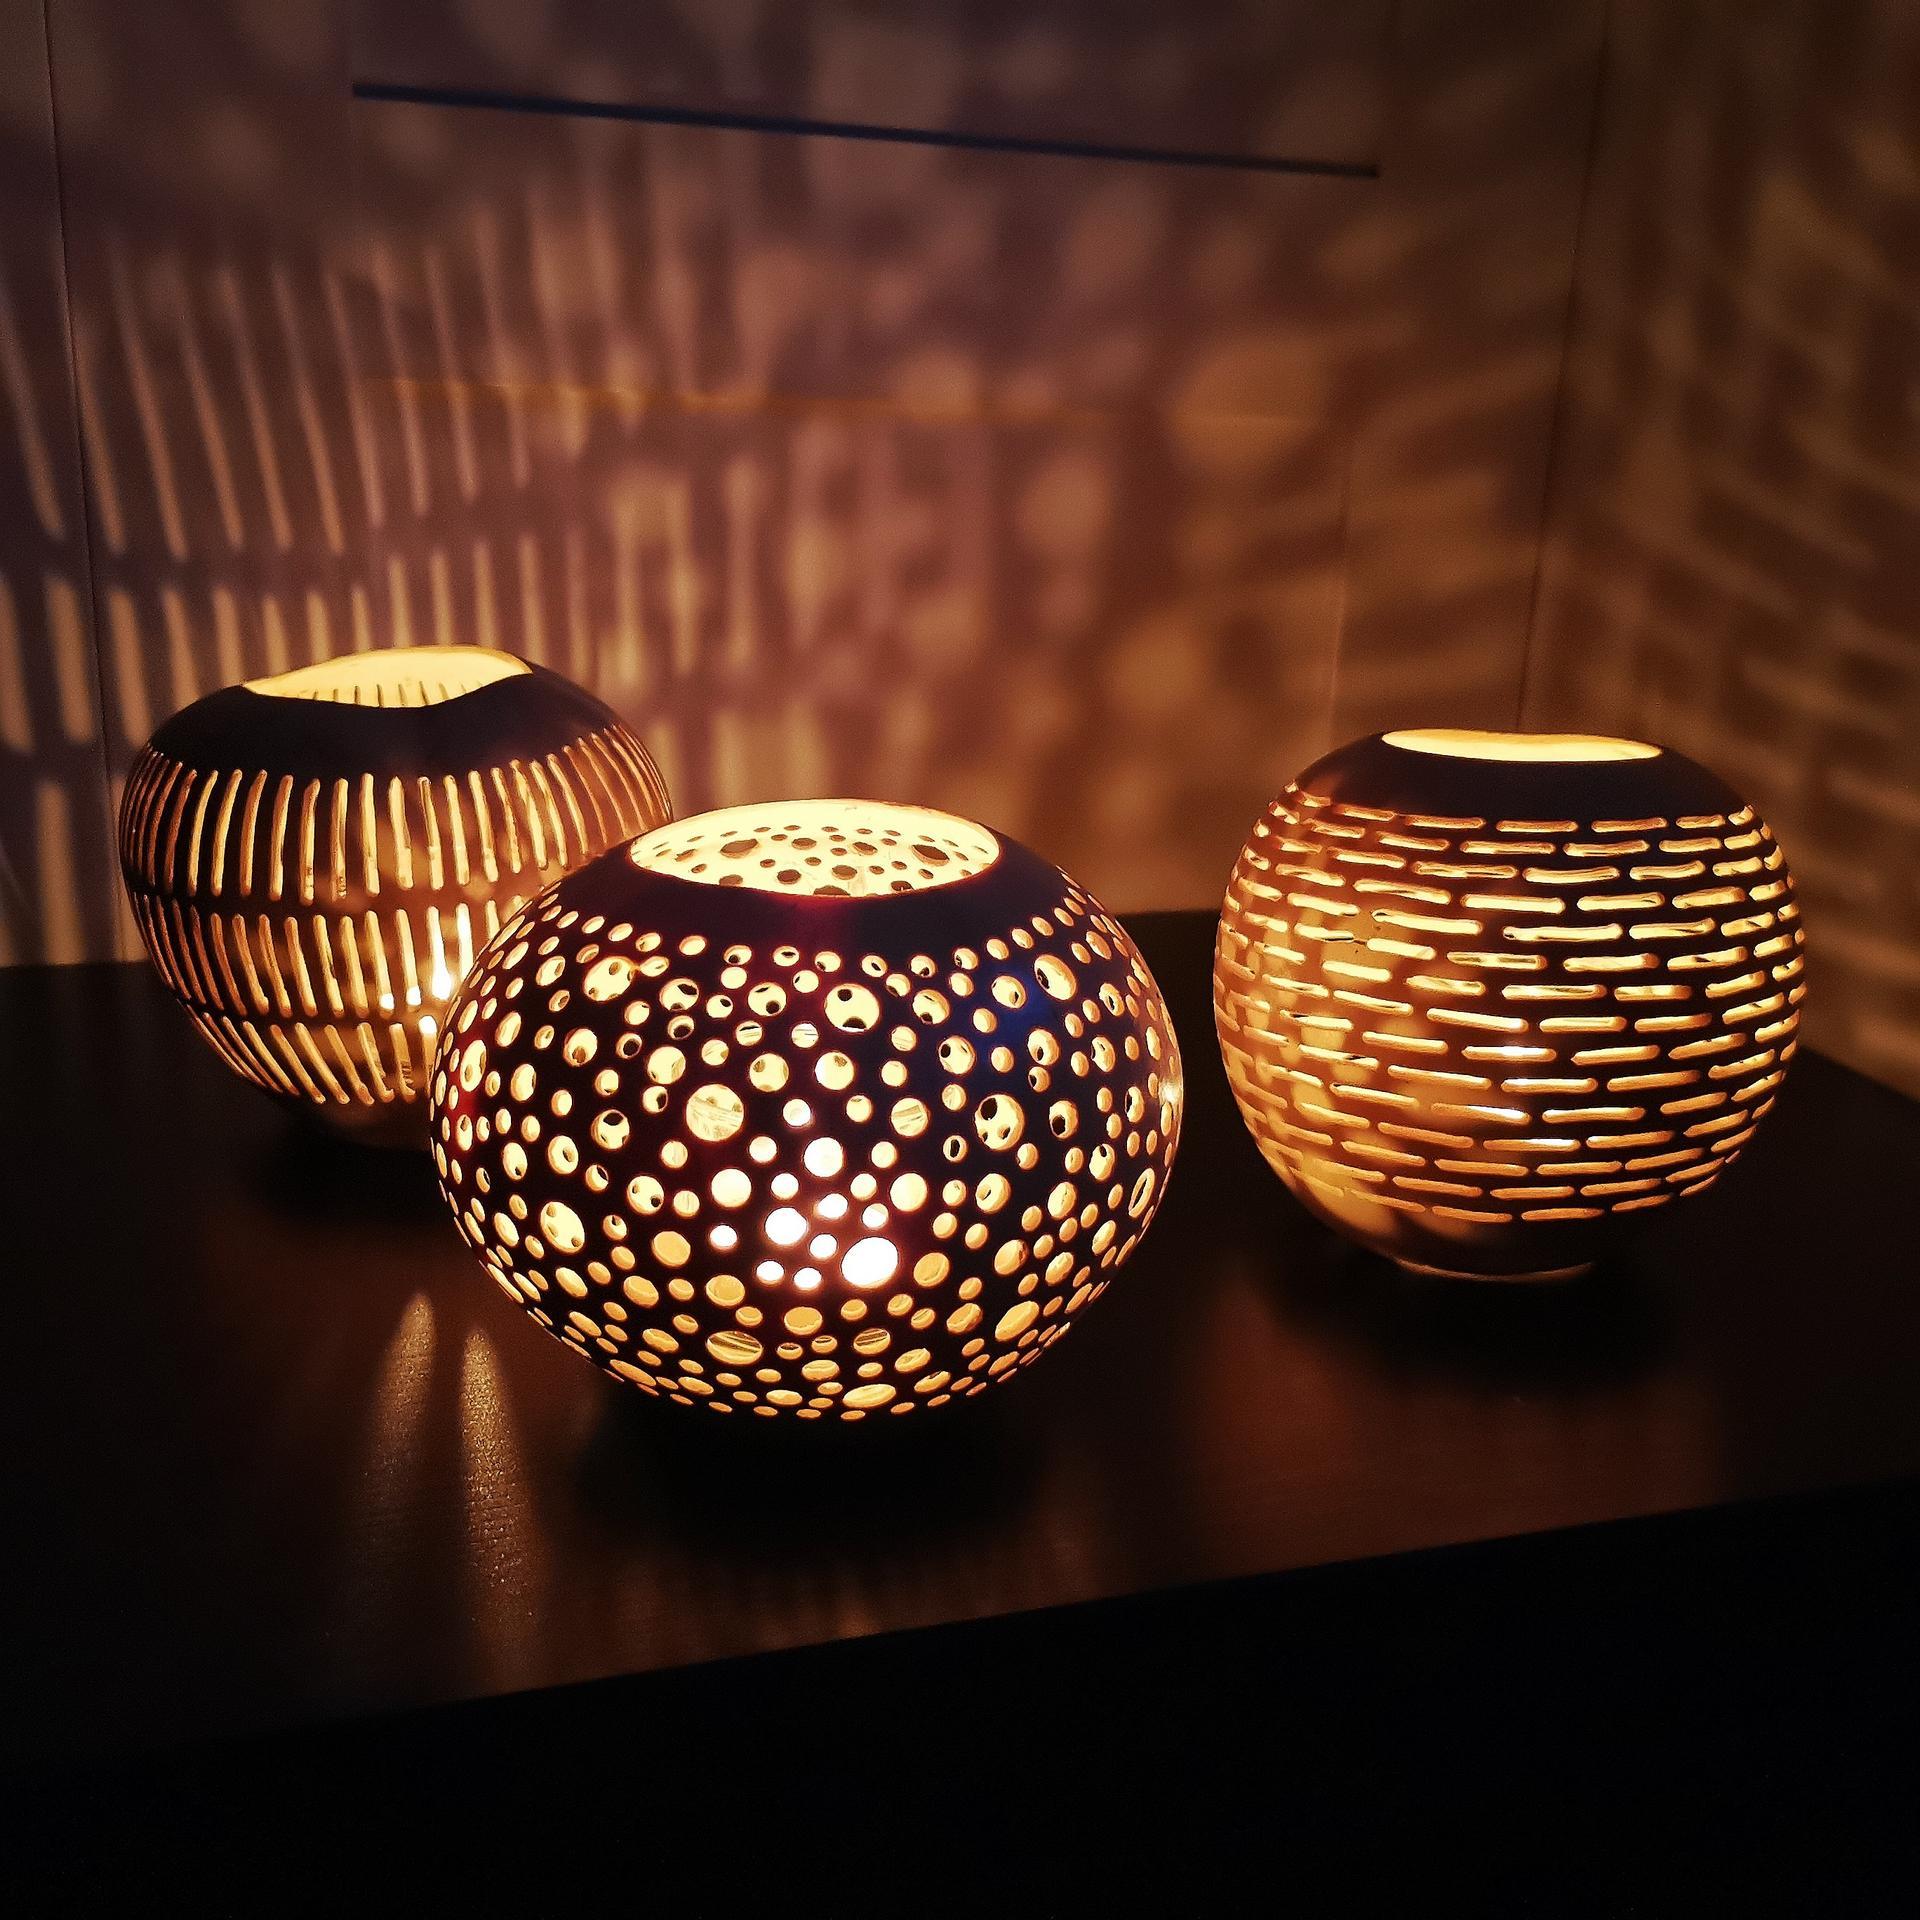 Kdo by rád naše kokosové svícny z www.idylo.cz, na Instagramu jsem o ně dnes vyhlásila soutěž, tak mrkněte🕯❤ Krásný večer od nás🌙 https://instagram.com/idylo.cz - Obrázek č. 1